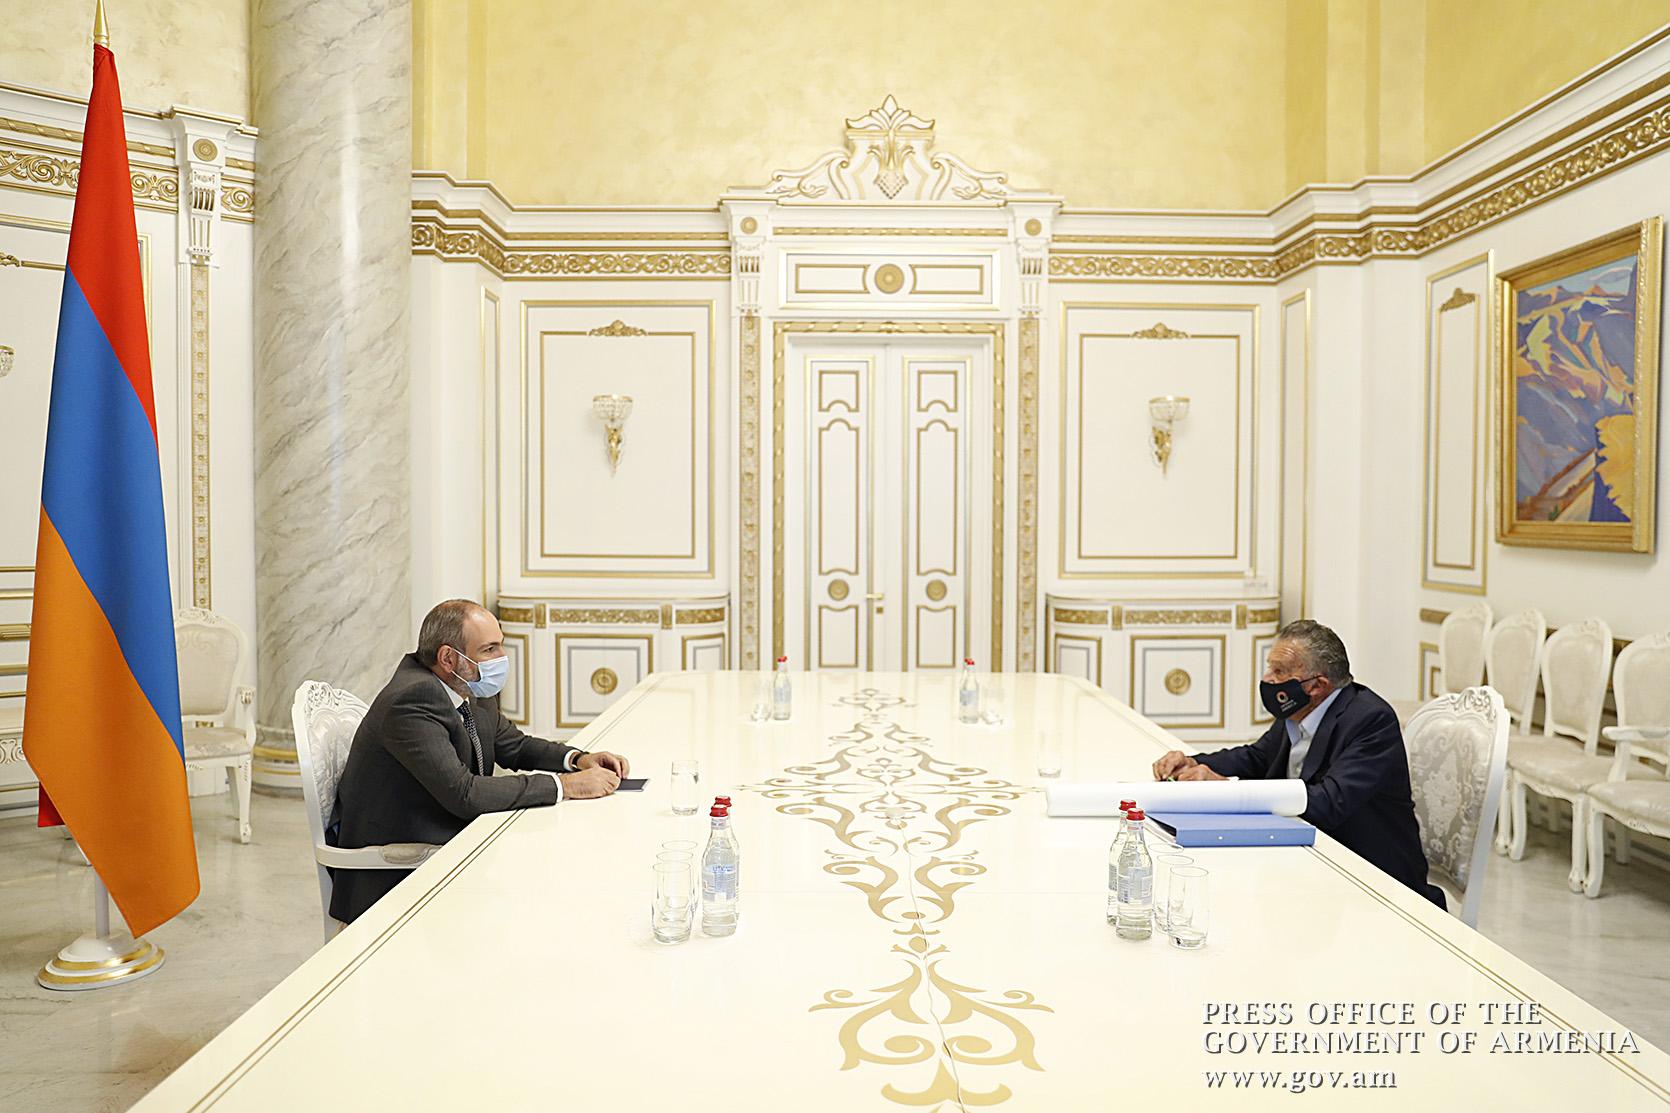 Photo of Премьер-министр Пашинян обсудил с Эдуардо Эрнекяном текущие и предстоящие новые инвестиционные программы